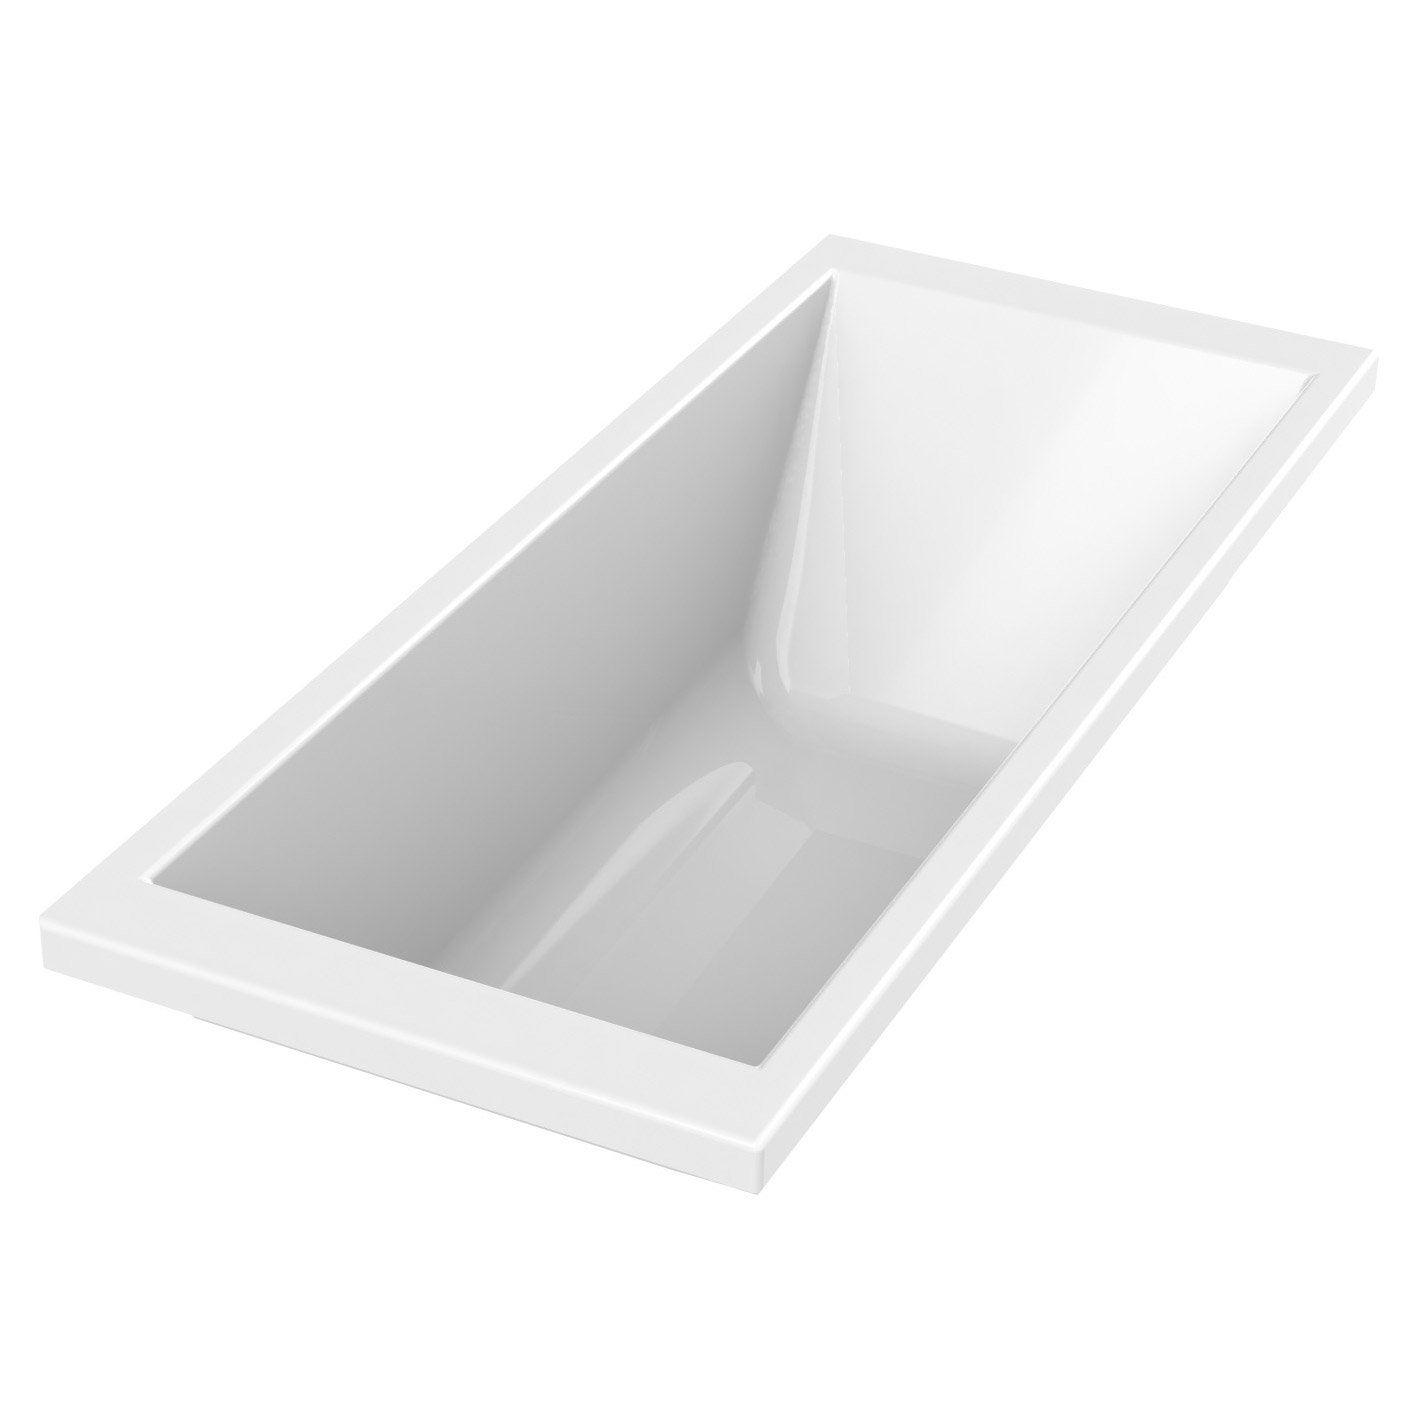 Baignoire rectangulaire L.175x l.75 cm blanc, SENSEA Premium